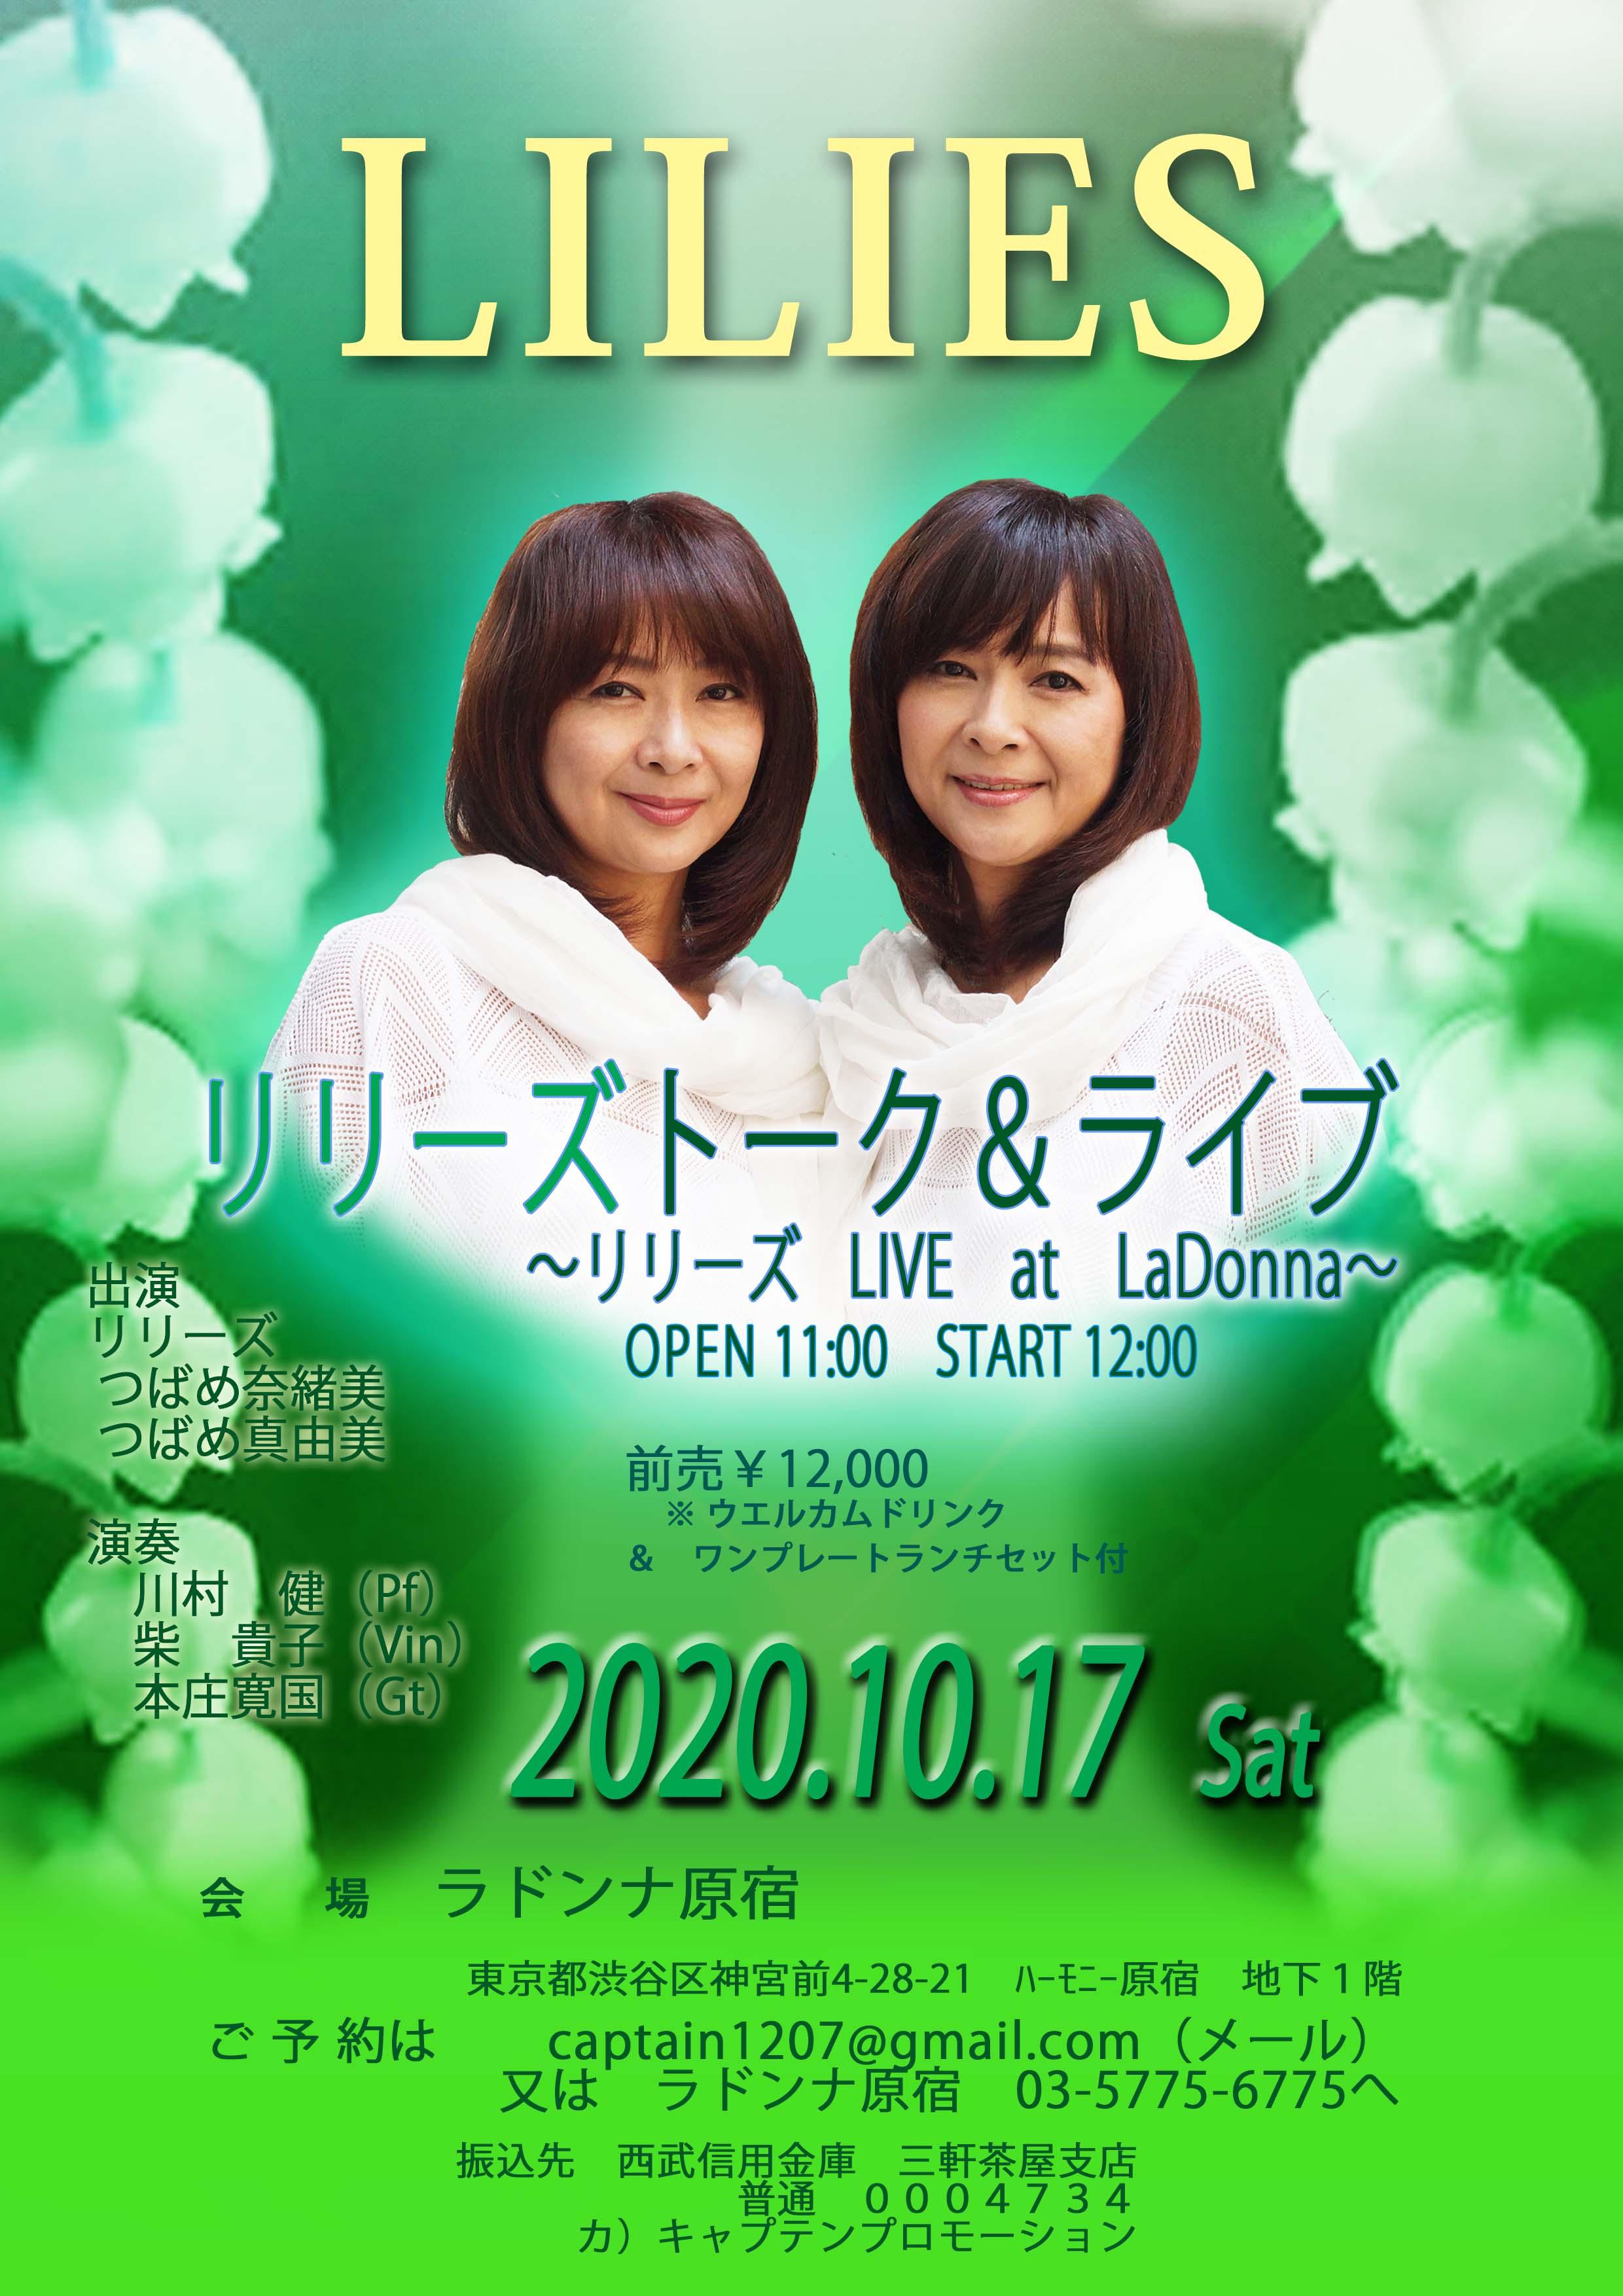 リリーズ トーク&ライブ ~ リリーズ LIVE at LaDonna ~